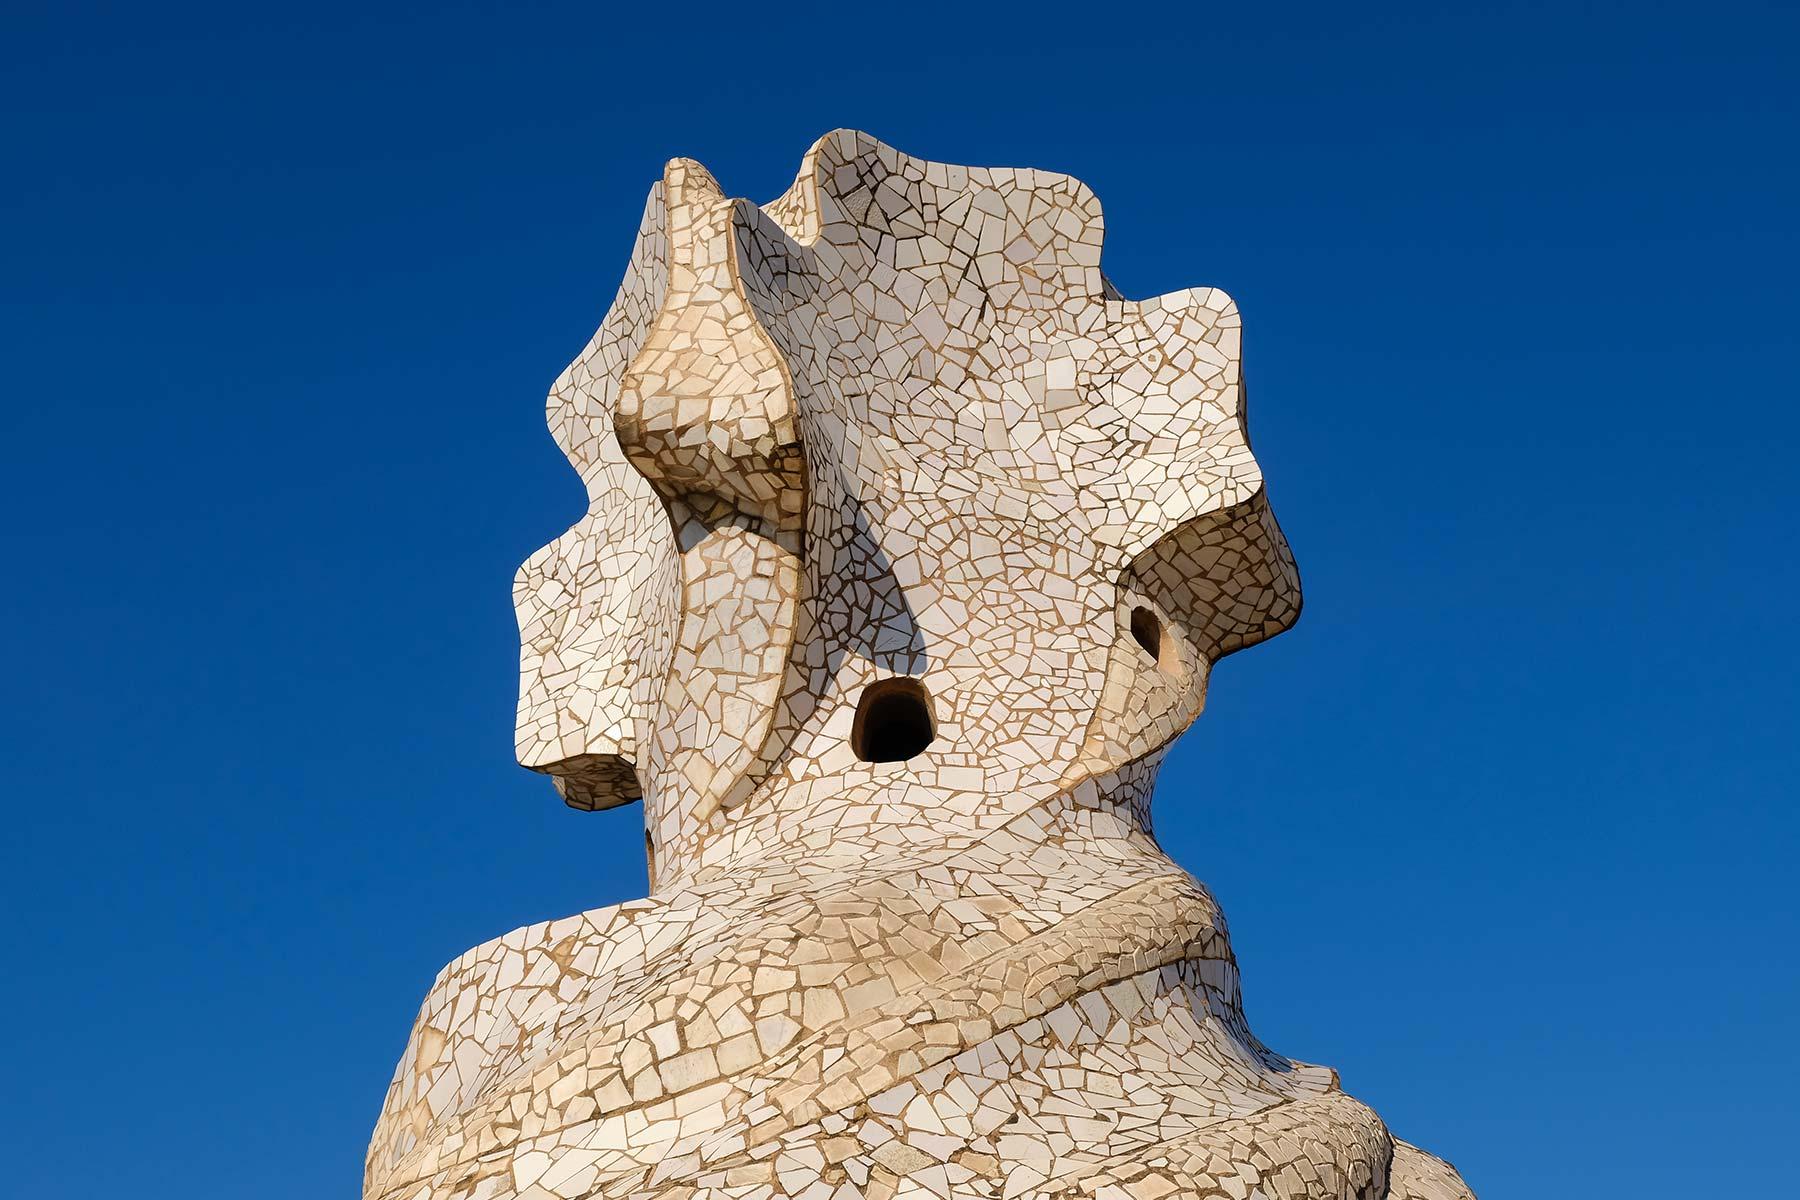 Figur auf dem Dach der Casa Milà in Barcelona